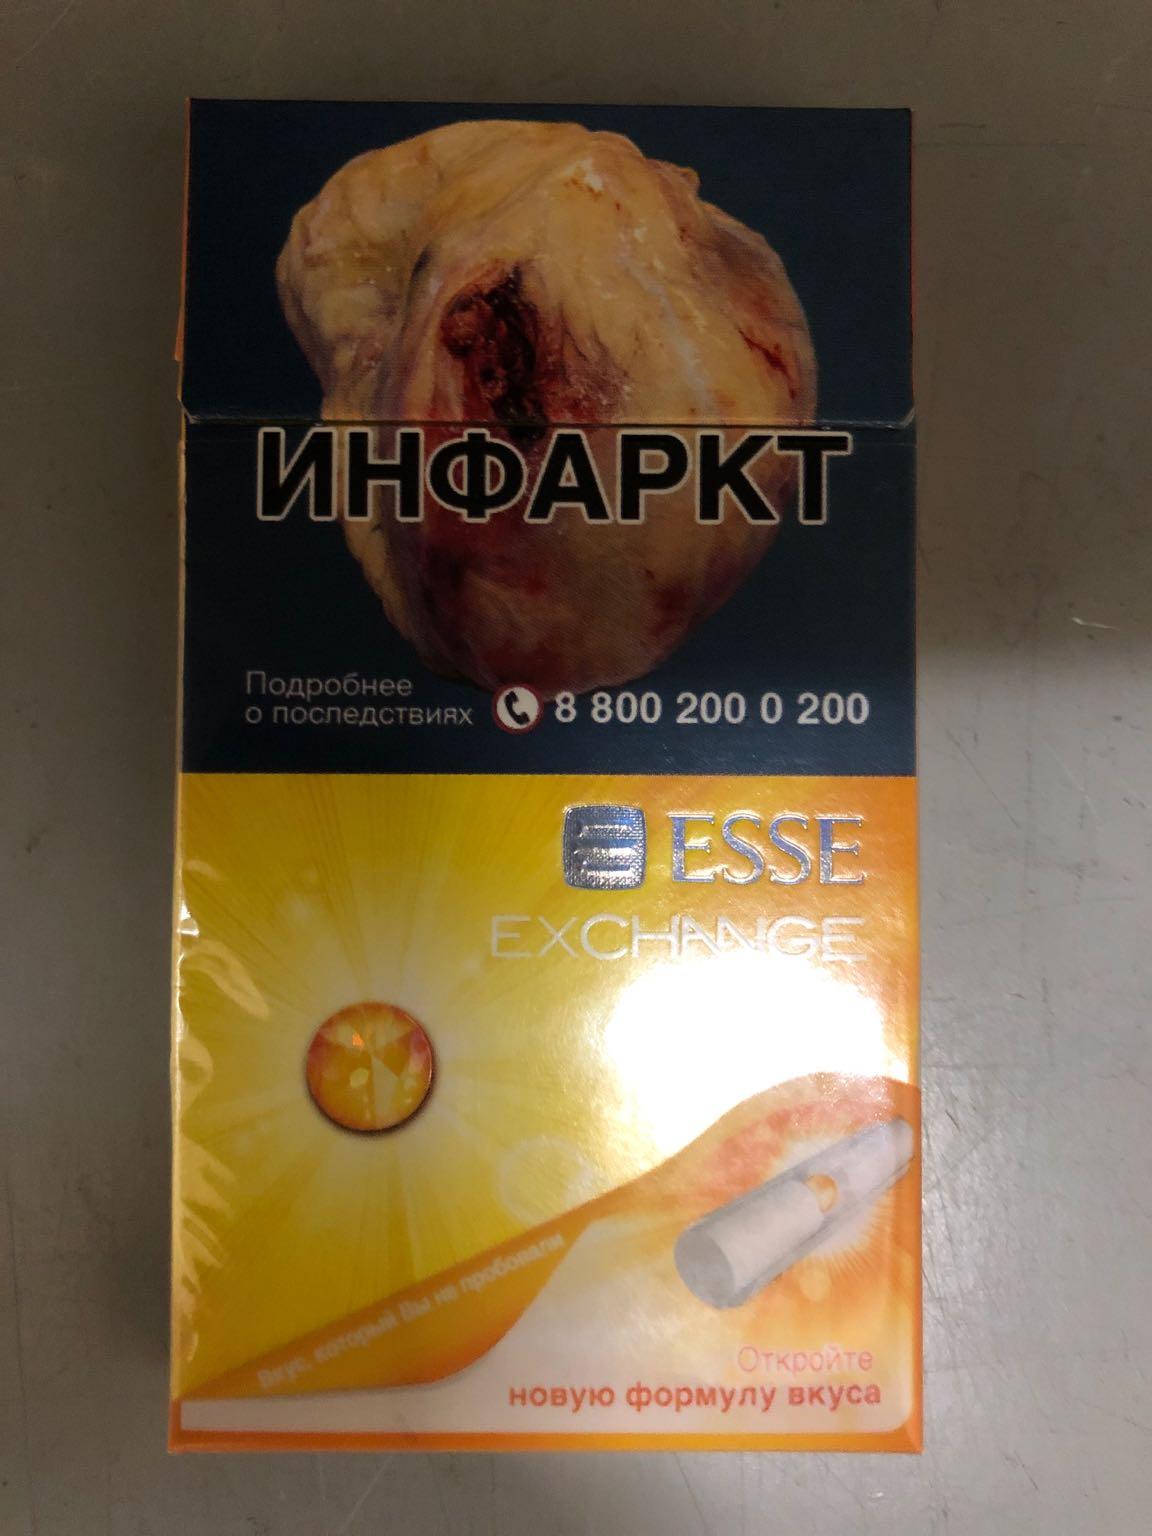 Сигареты esse exchange m купить puff сигареты купить